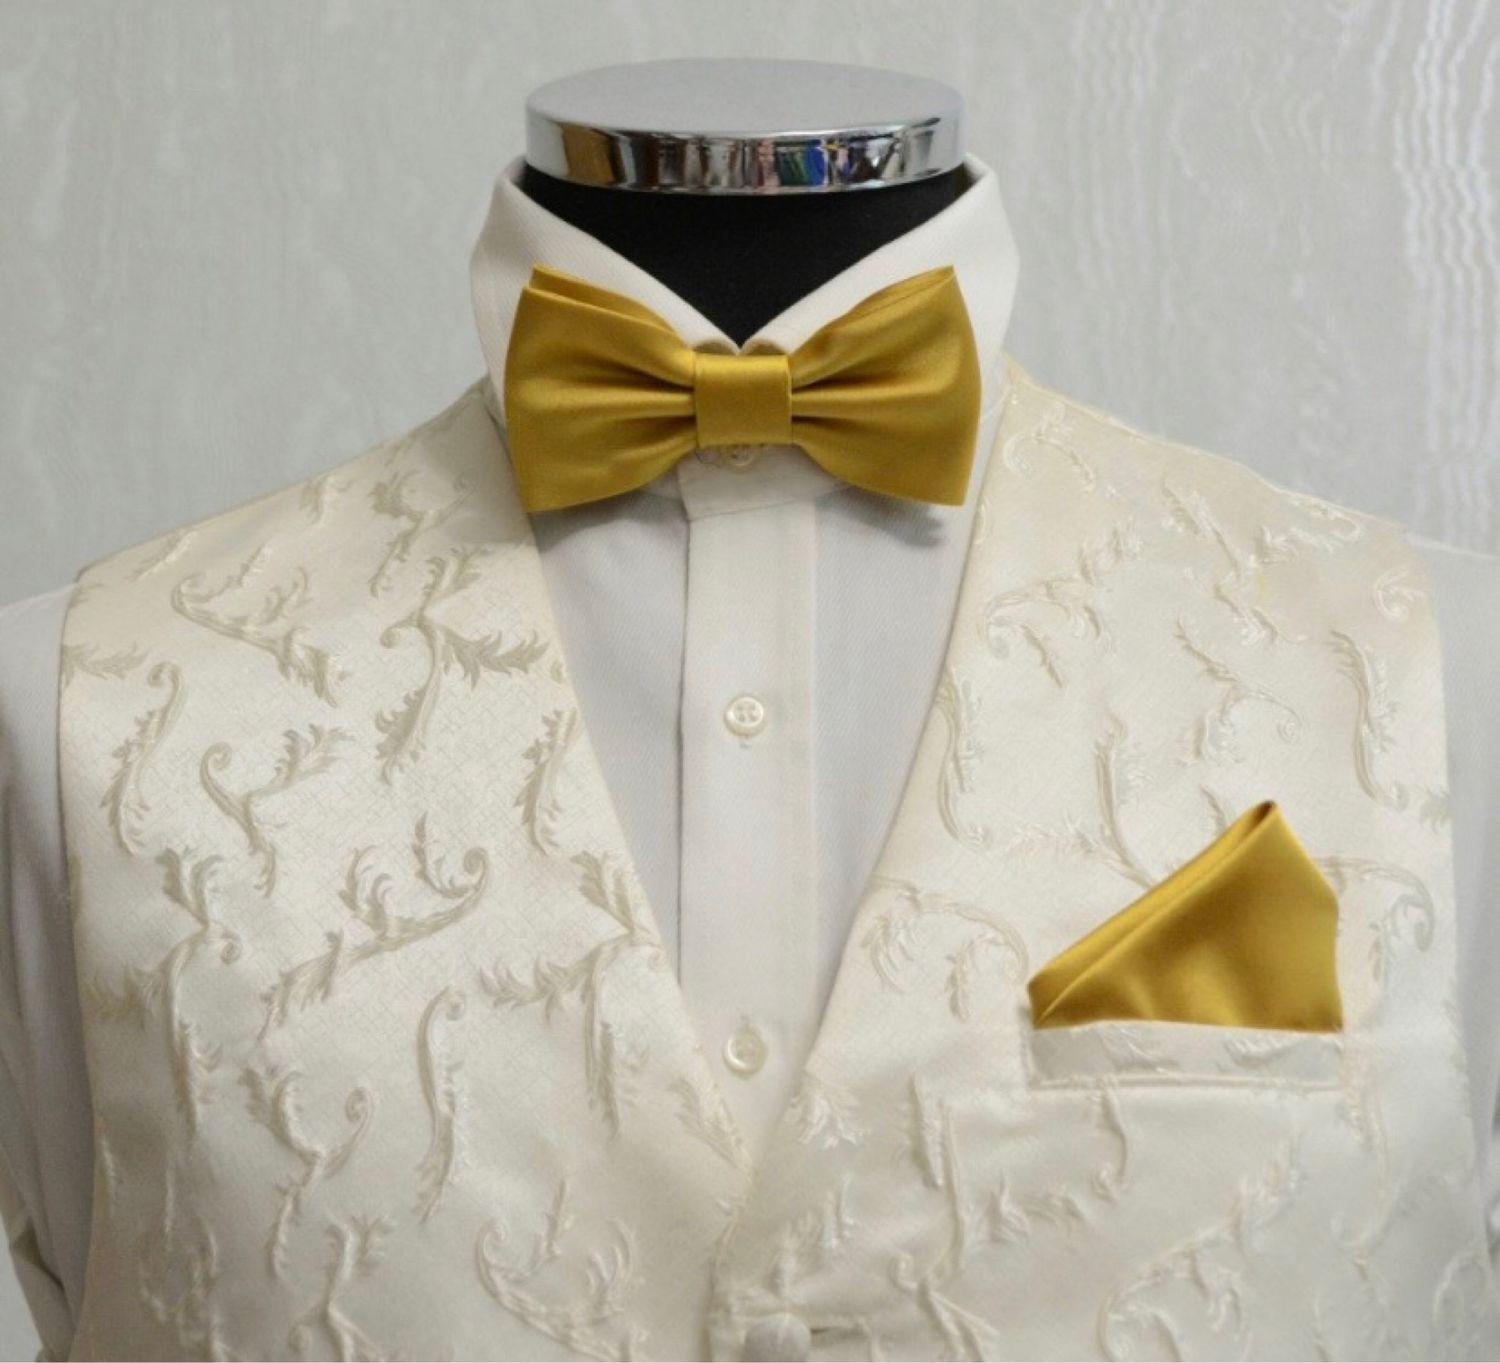 Бабочка галстук Золотые слитки, Галстуки, Москва,  Фото №1